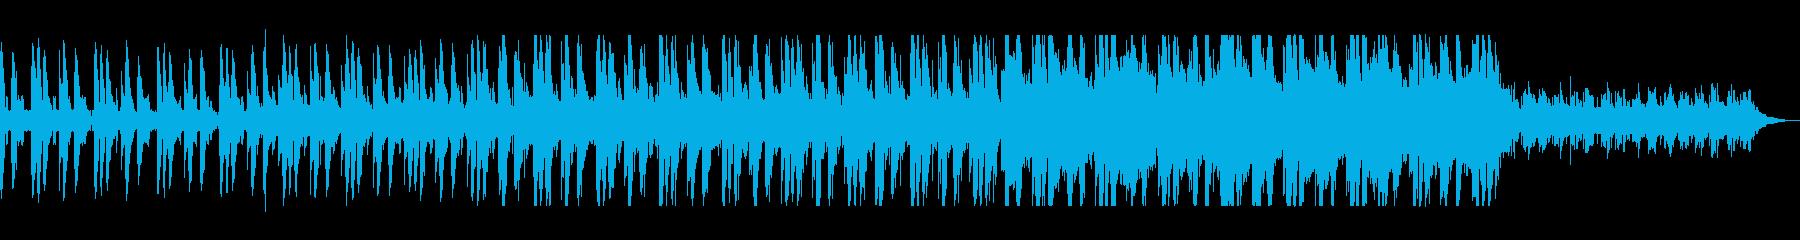 ポリリズムが彩るエレクトロポップの再生済みの波形